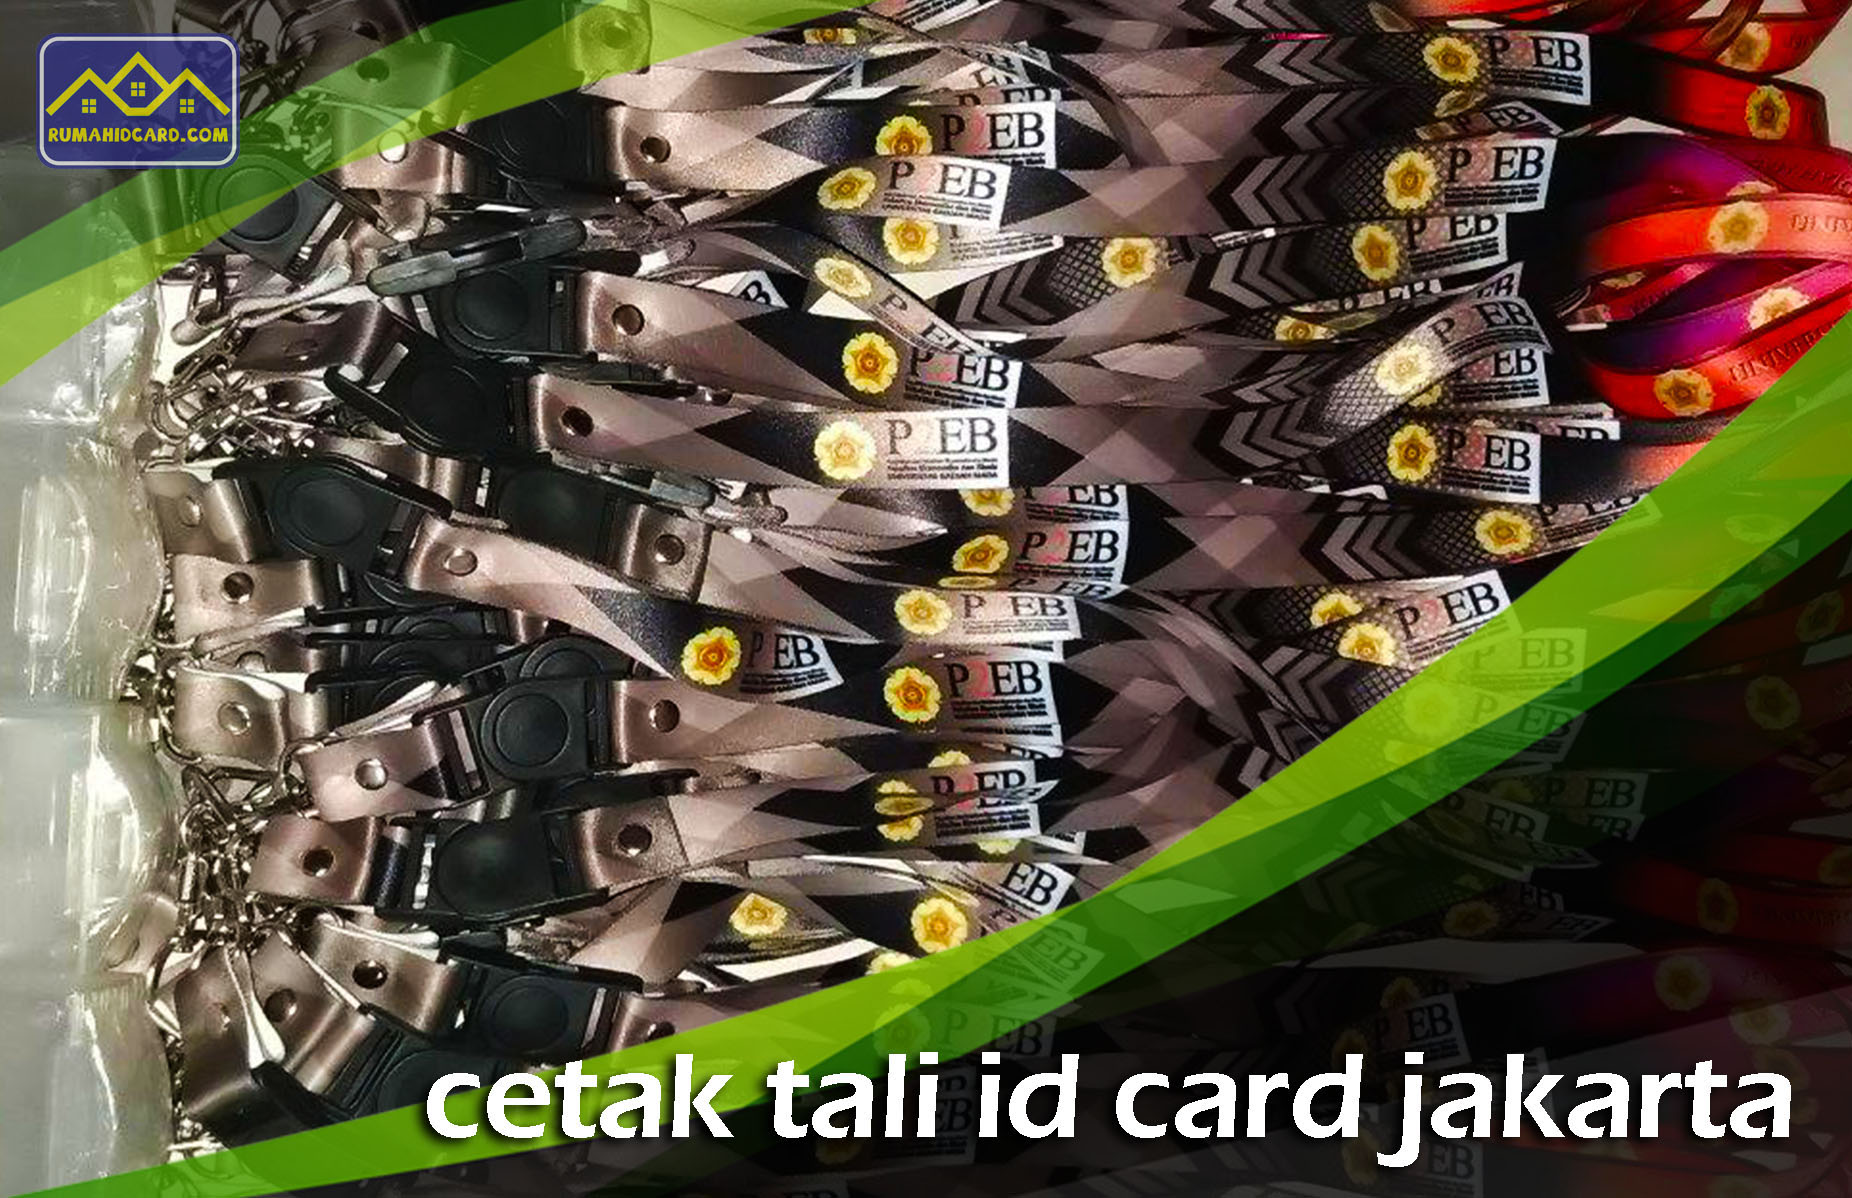 Cetak Tali ID Card Jakarta